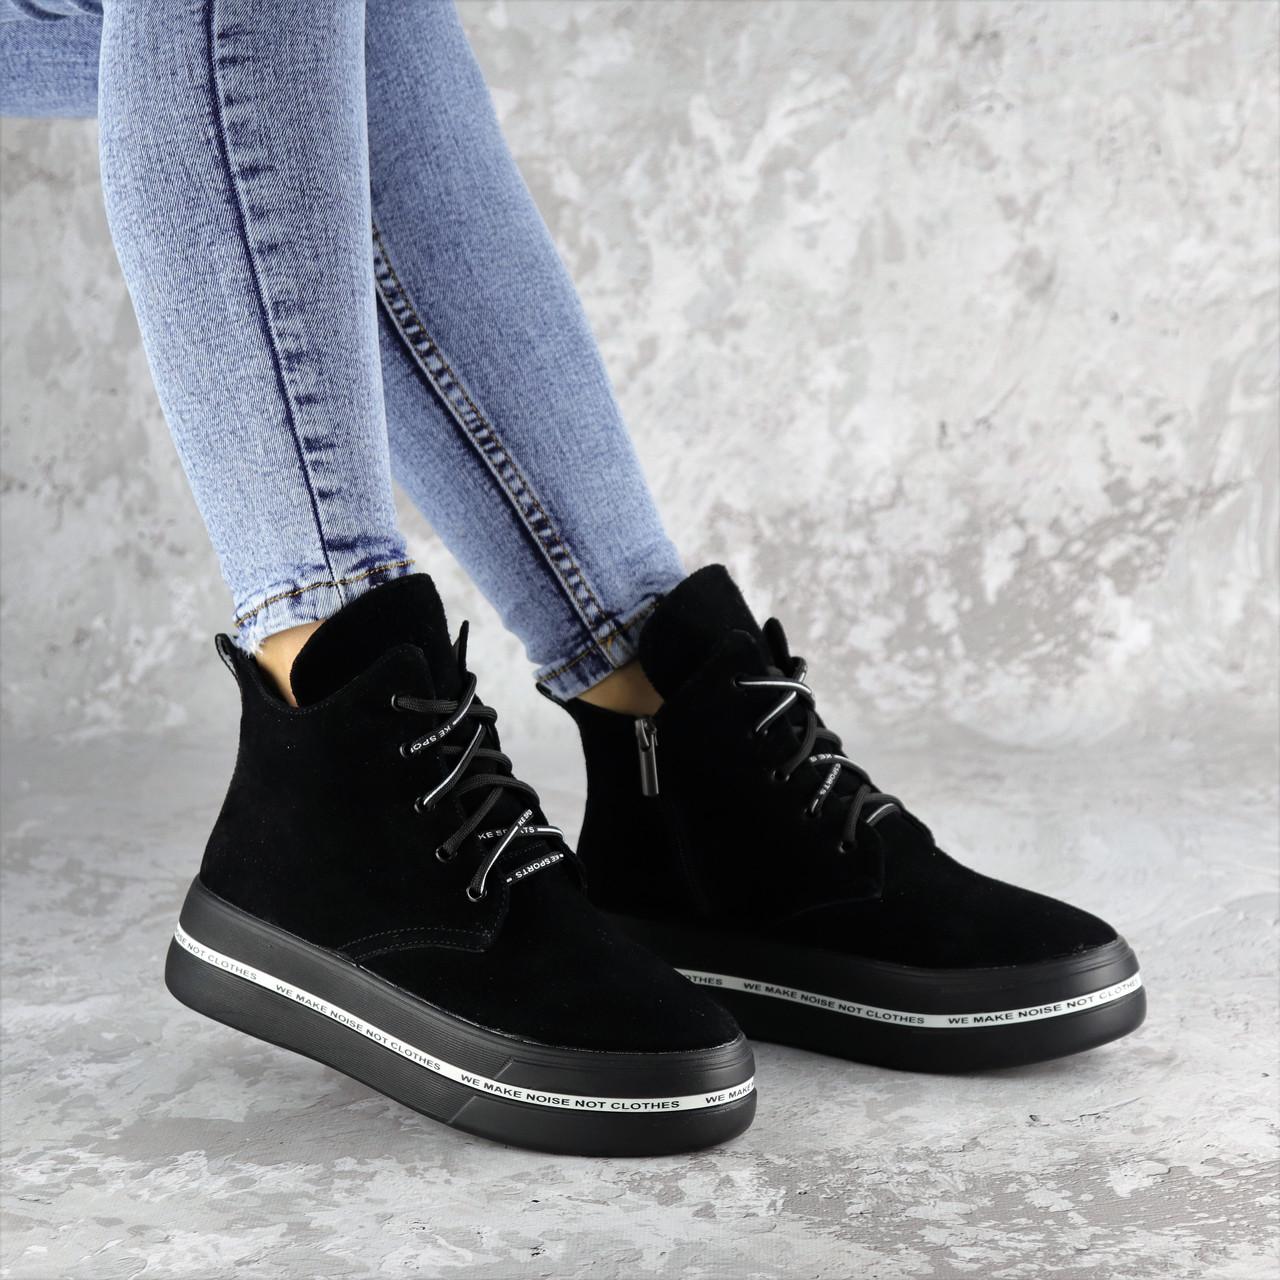 Ботинки женские Fashion Ether 2253 36 размер 23,5 см Черный